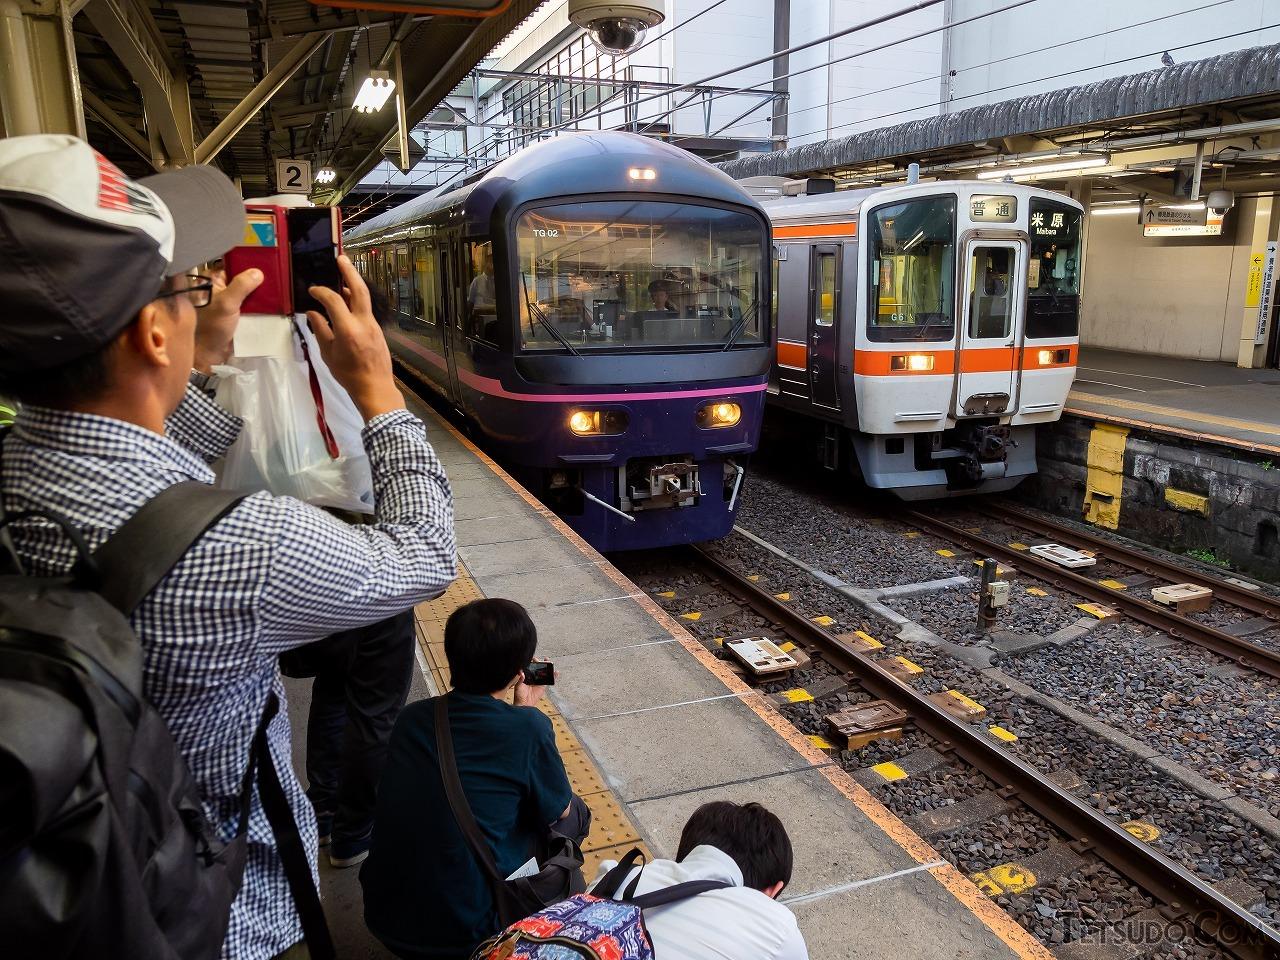 5時45分、大垣駅に到着。多くの参加者が列車を撮影しに先頭車に集まりましたが、皆さん黄色い線の内側でマナーを守っていました